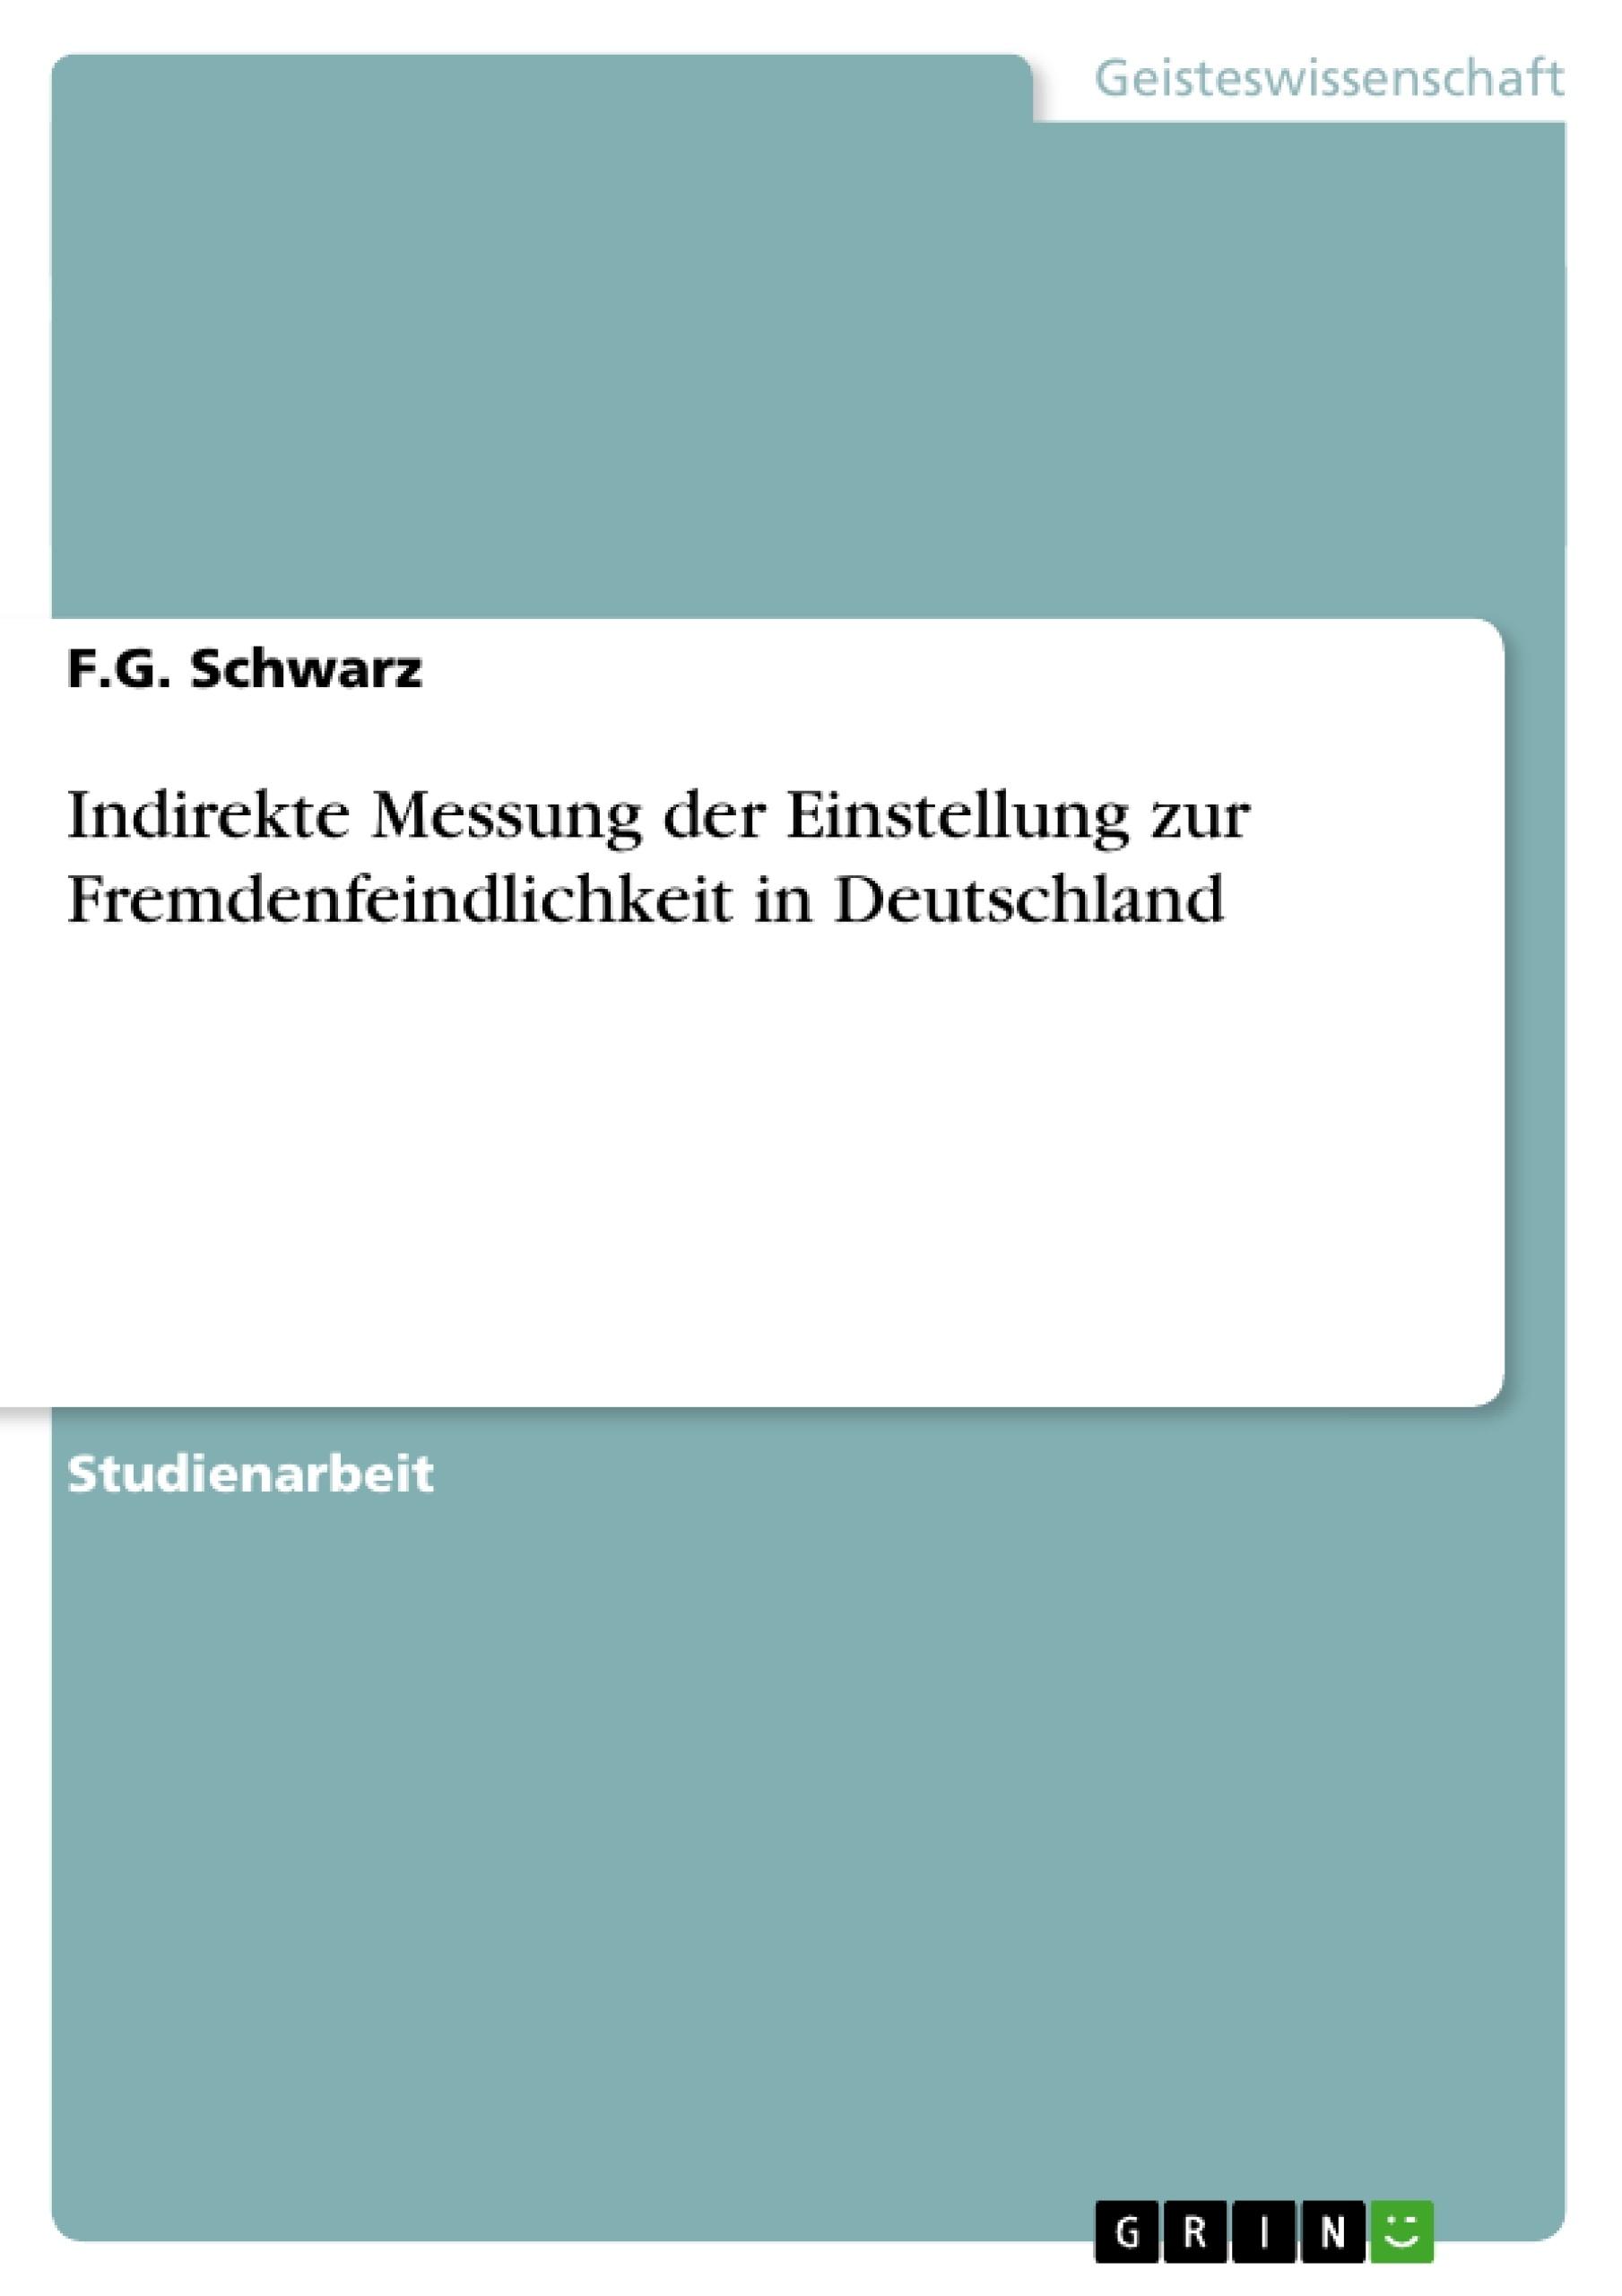 Titel: Indirekte Messung der Einstellung zur Fremdenfeindlichkeit in Deutschland